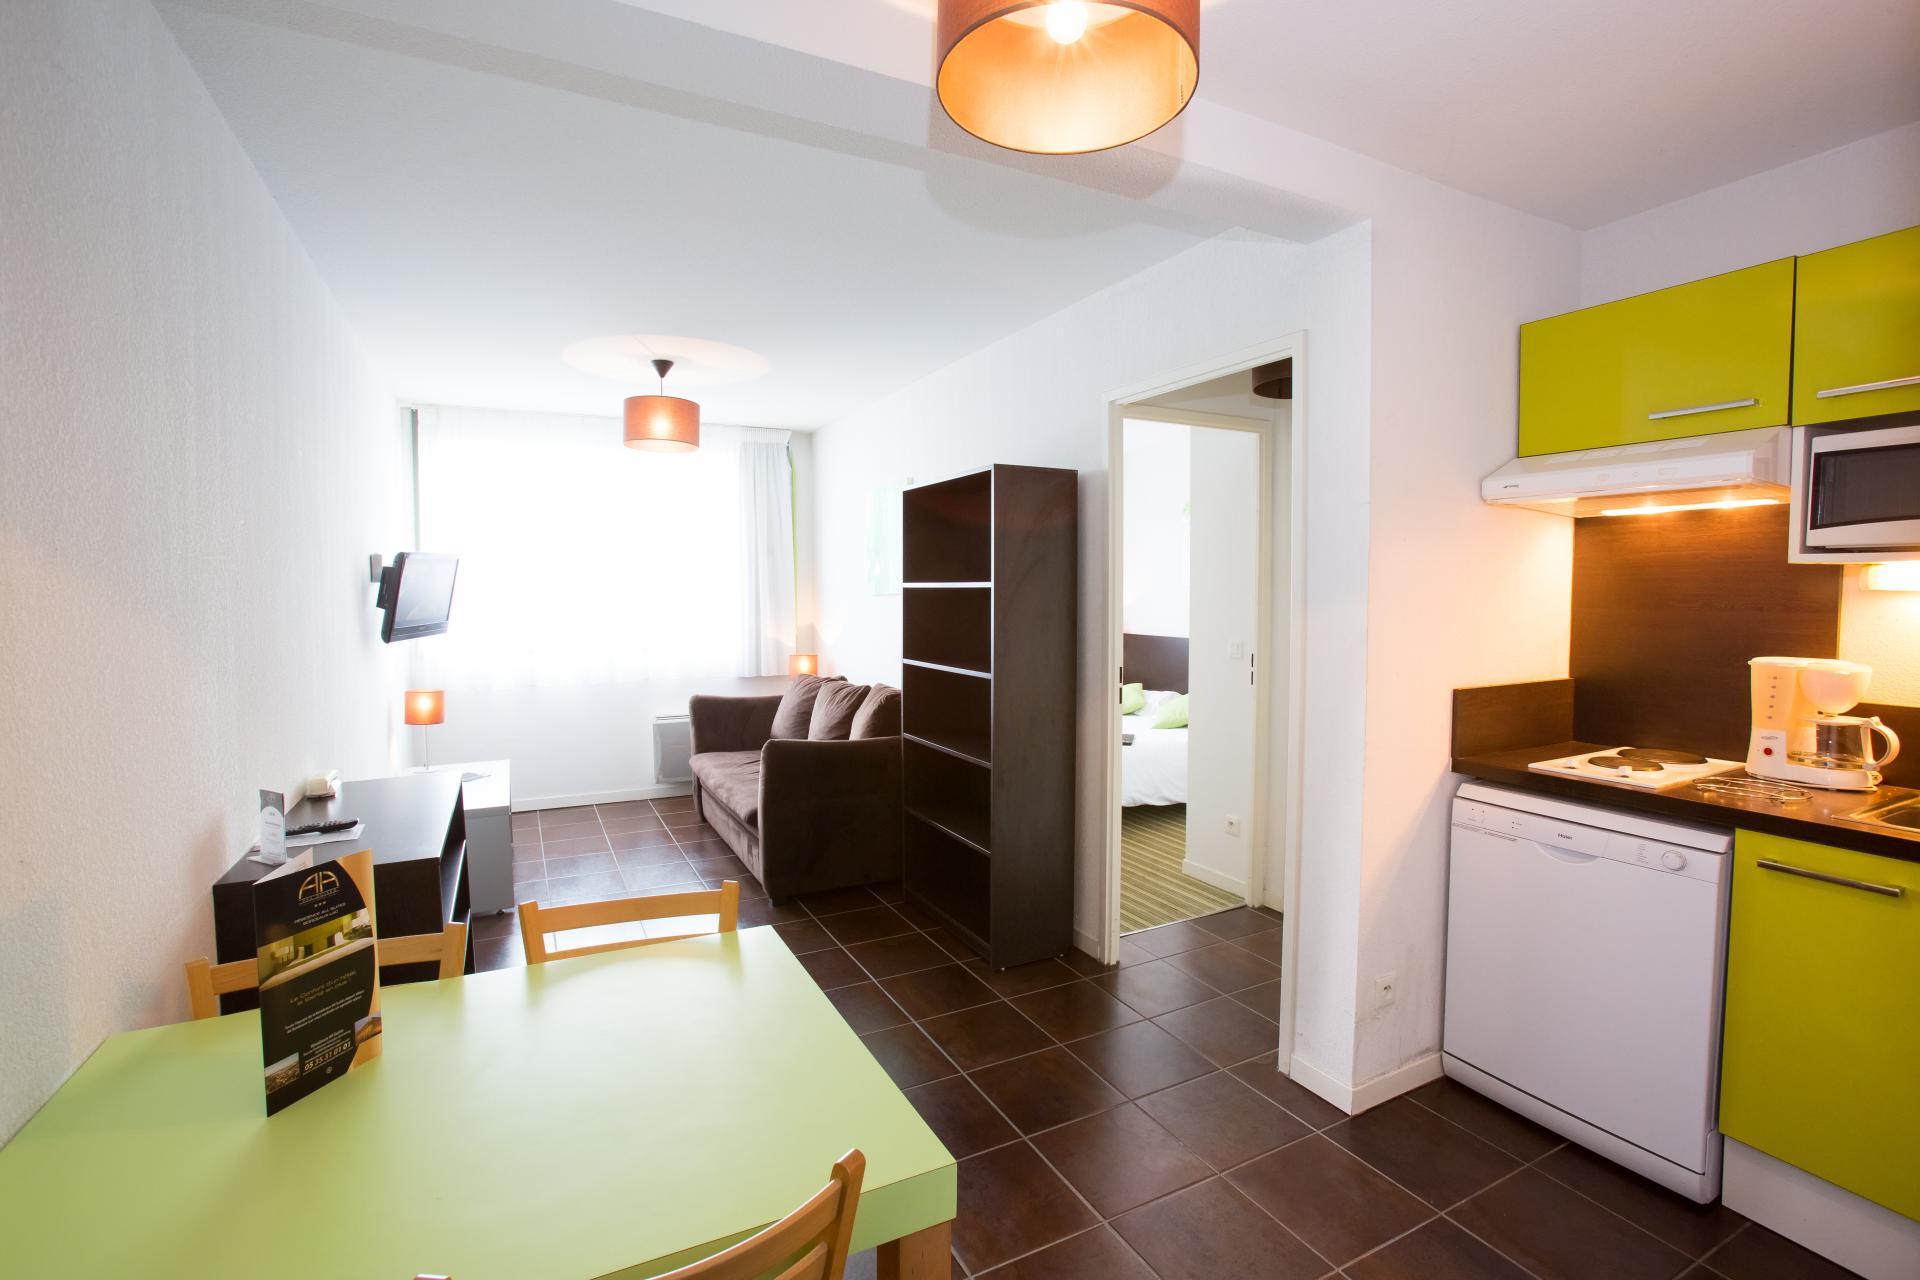 Comment vendre son appartement - Comment rafraichir son appartement ...